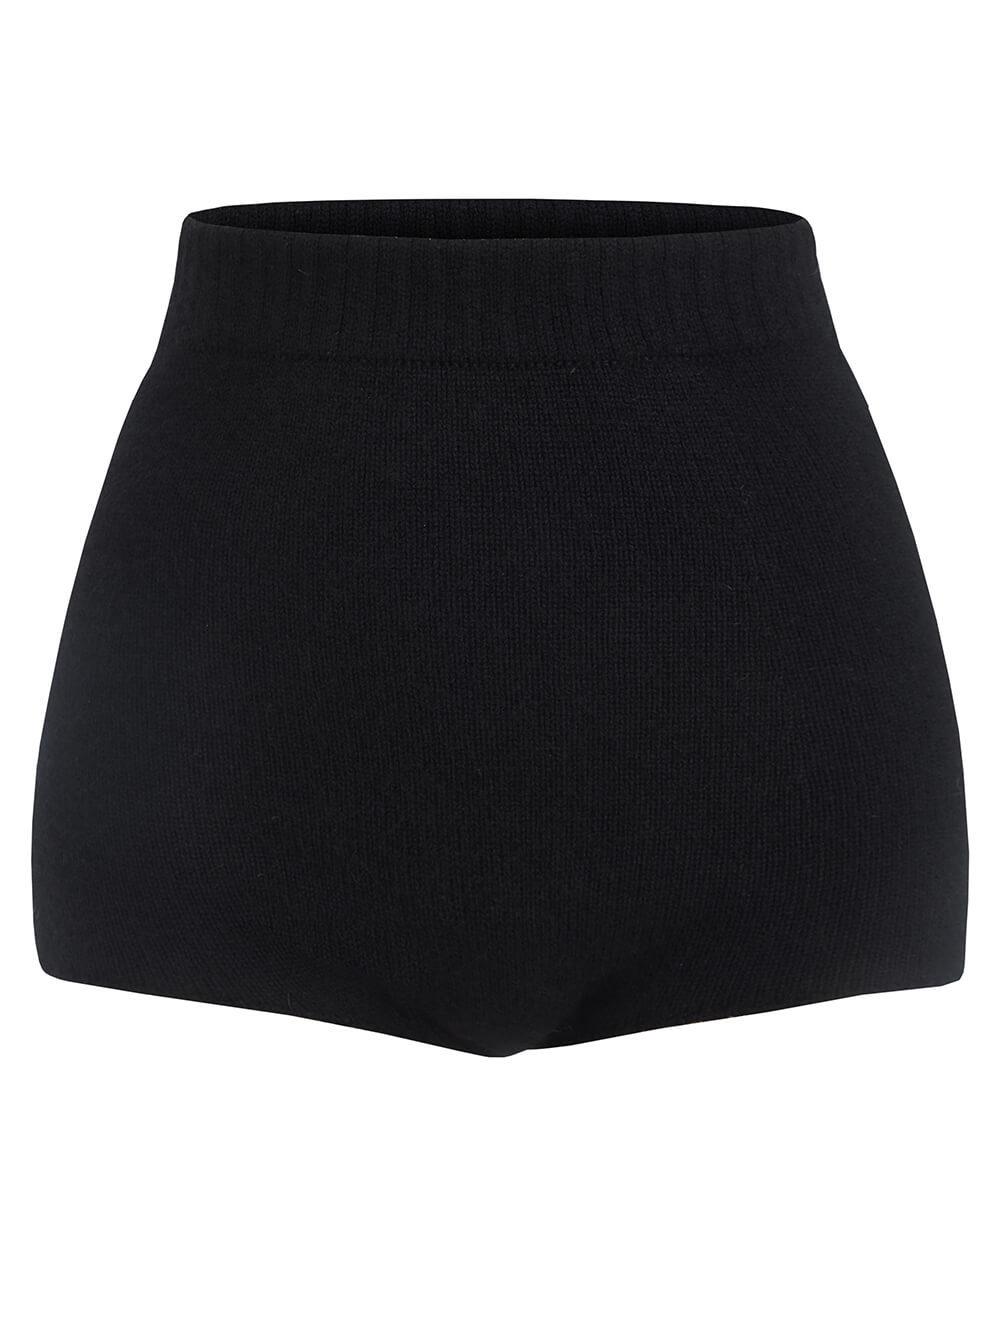 Женские шорты черного цвета из 100% кашемира - фото 1